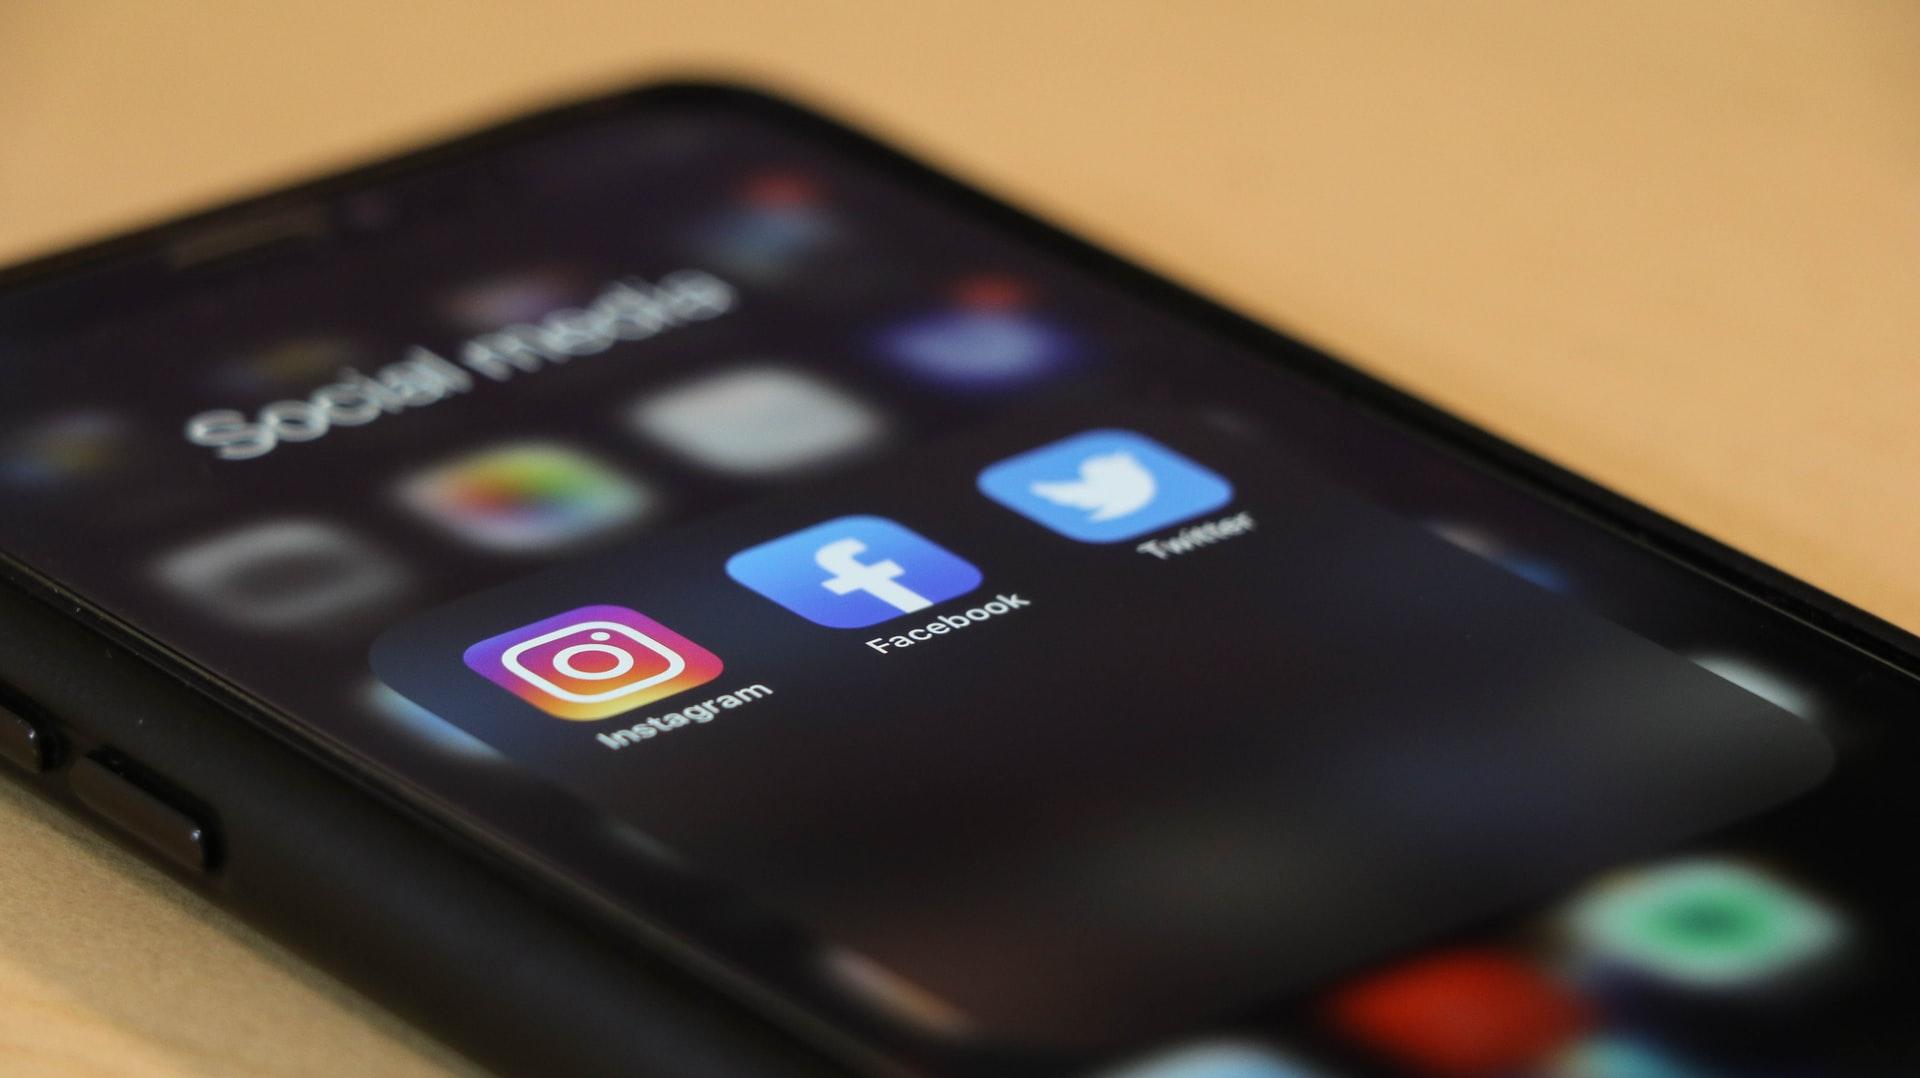 e-Ticarette Etkili Sosyal Medya Yönetimi için 9 İpucu